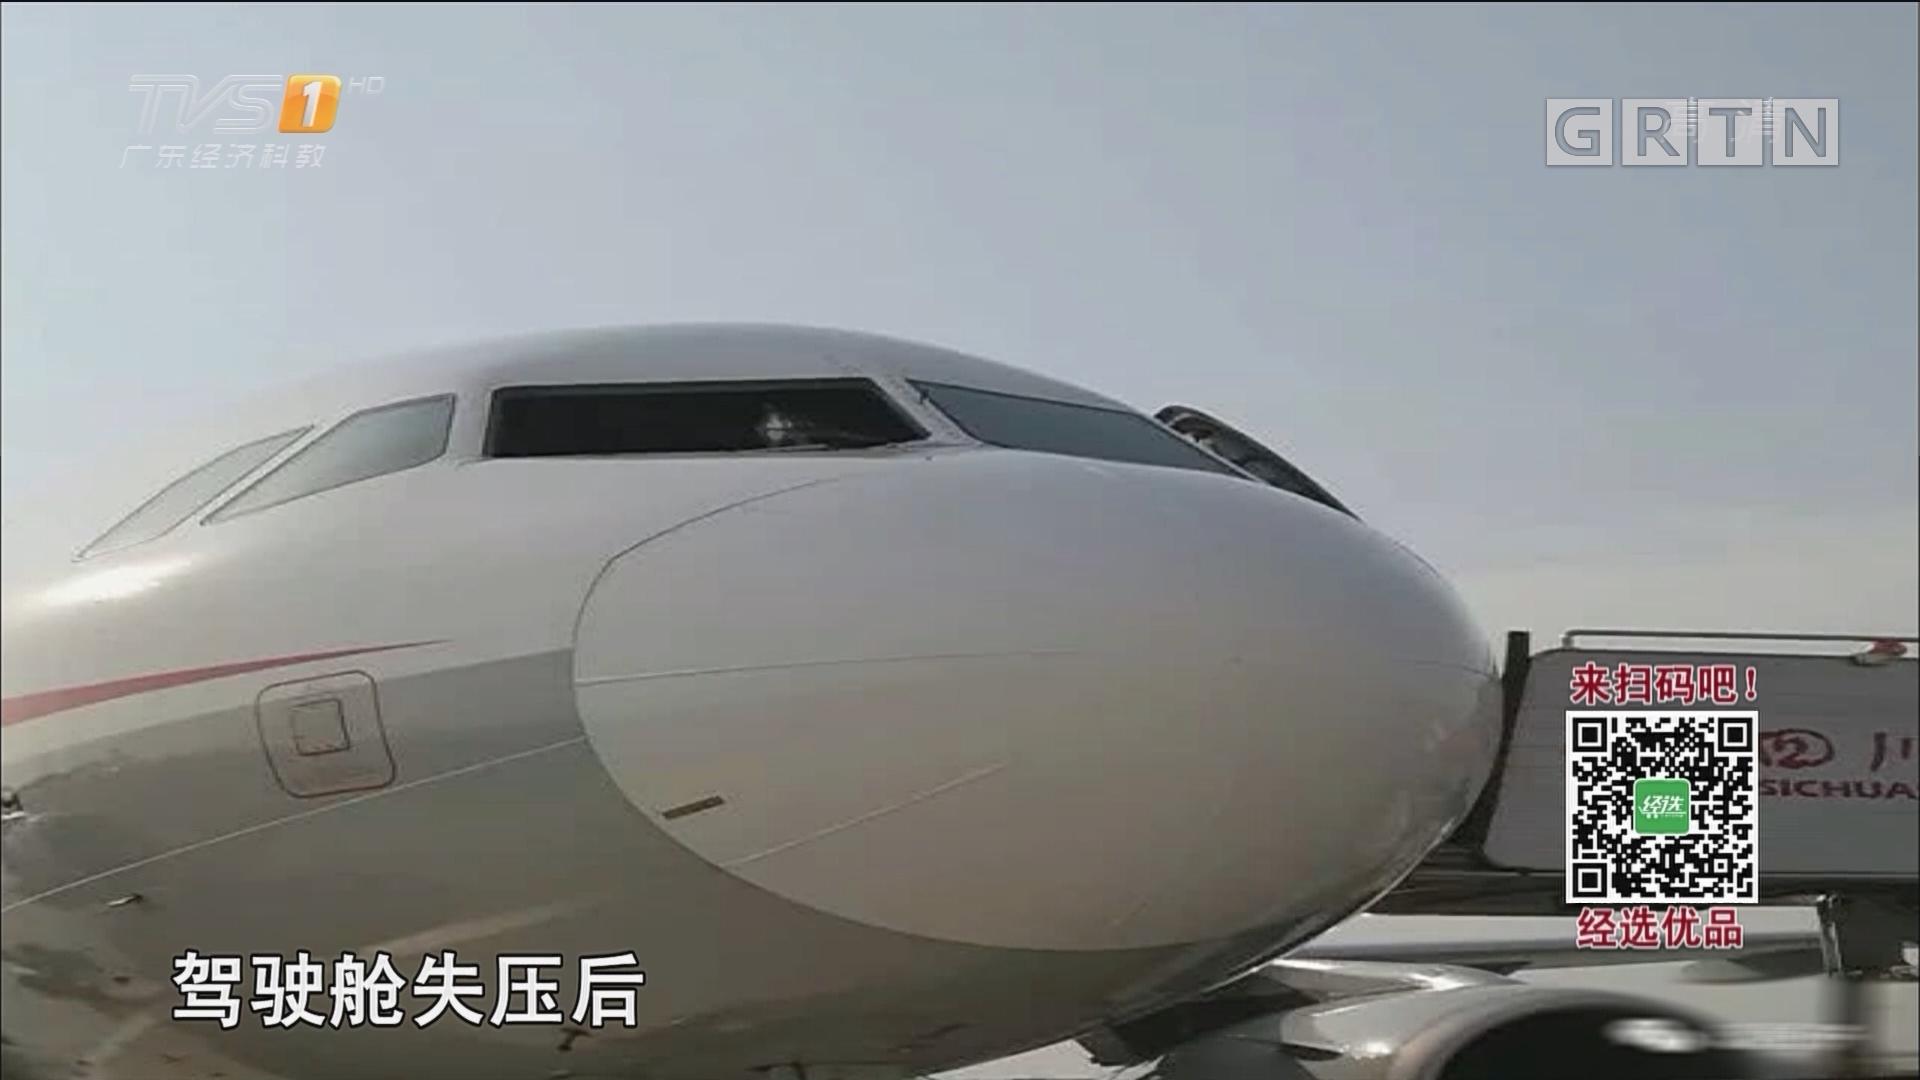 川航客机玻璃空中脱落 机长还原惊魂一刻